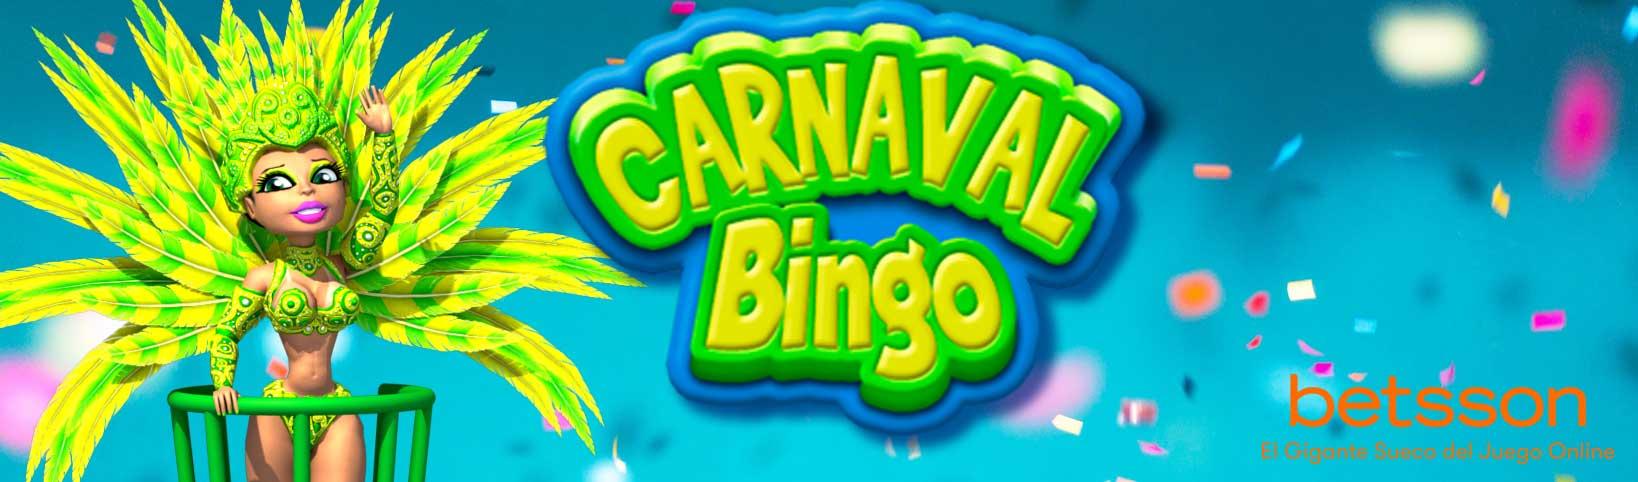 Canta bingo con Carnaval Bingo